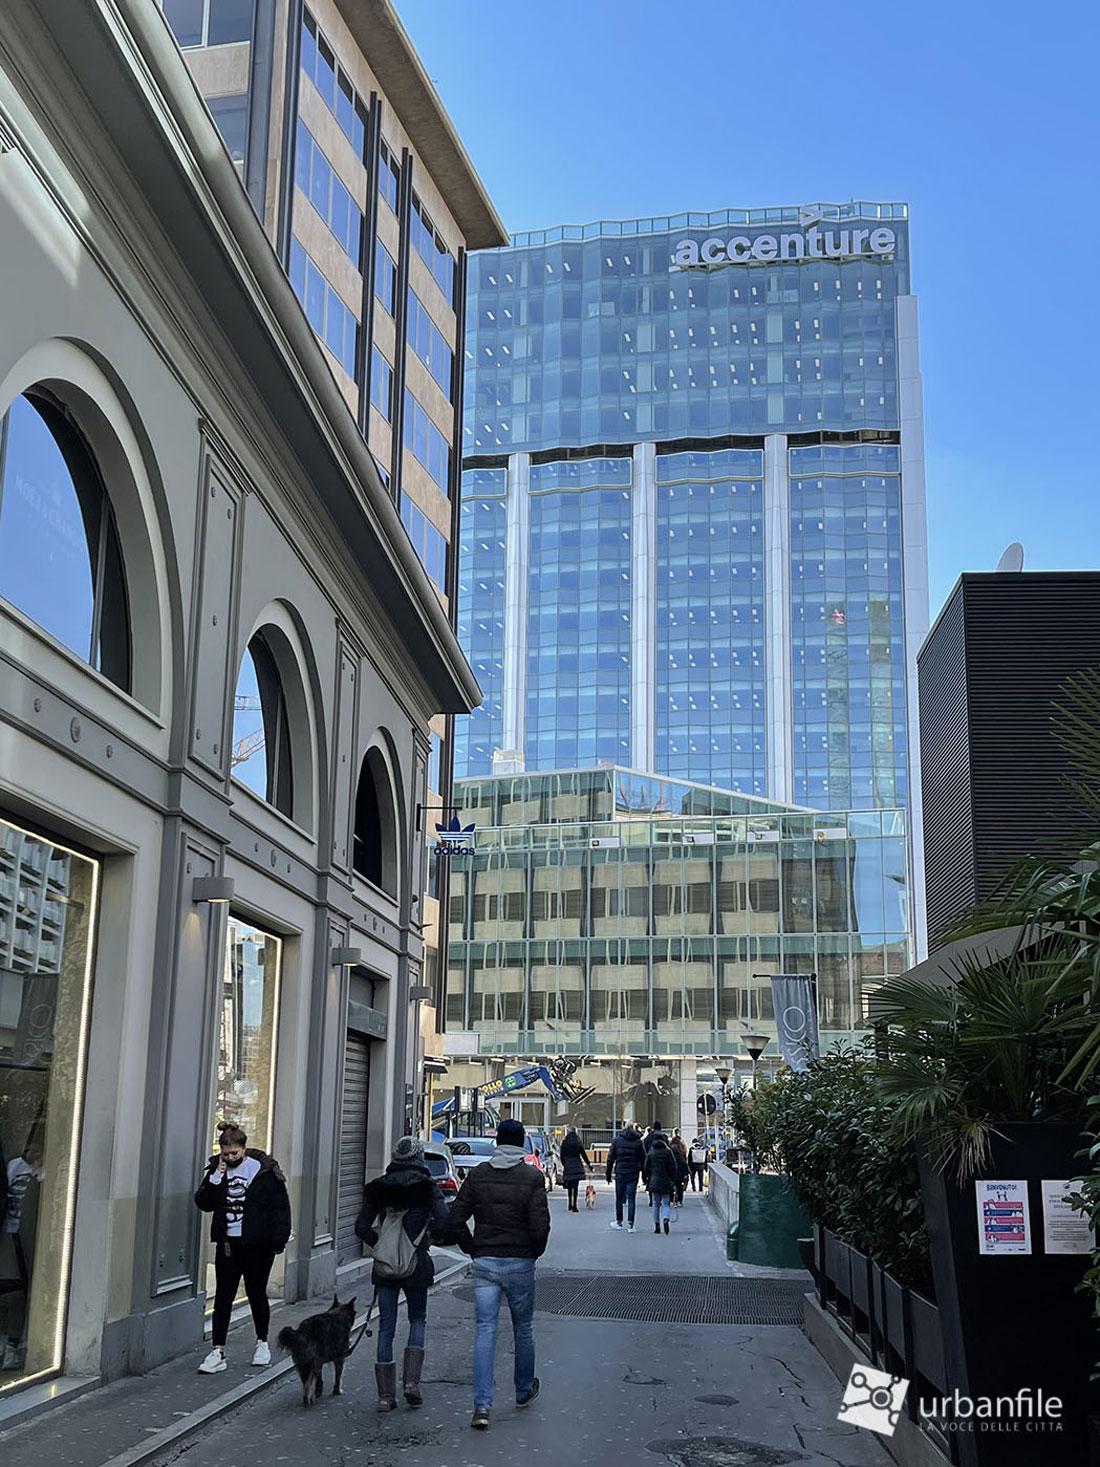 2021-02-16-Urbanfile-Milano-Porta-Garibaldi-Corso-Como-Place-Via-Bonnet-1